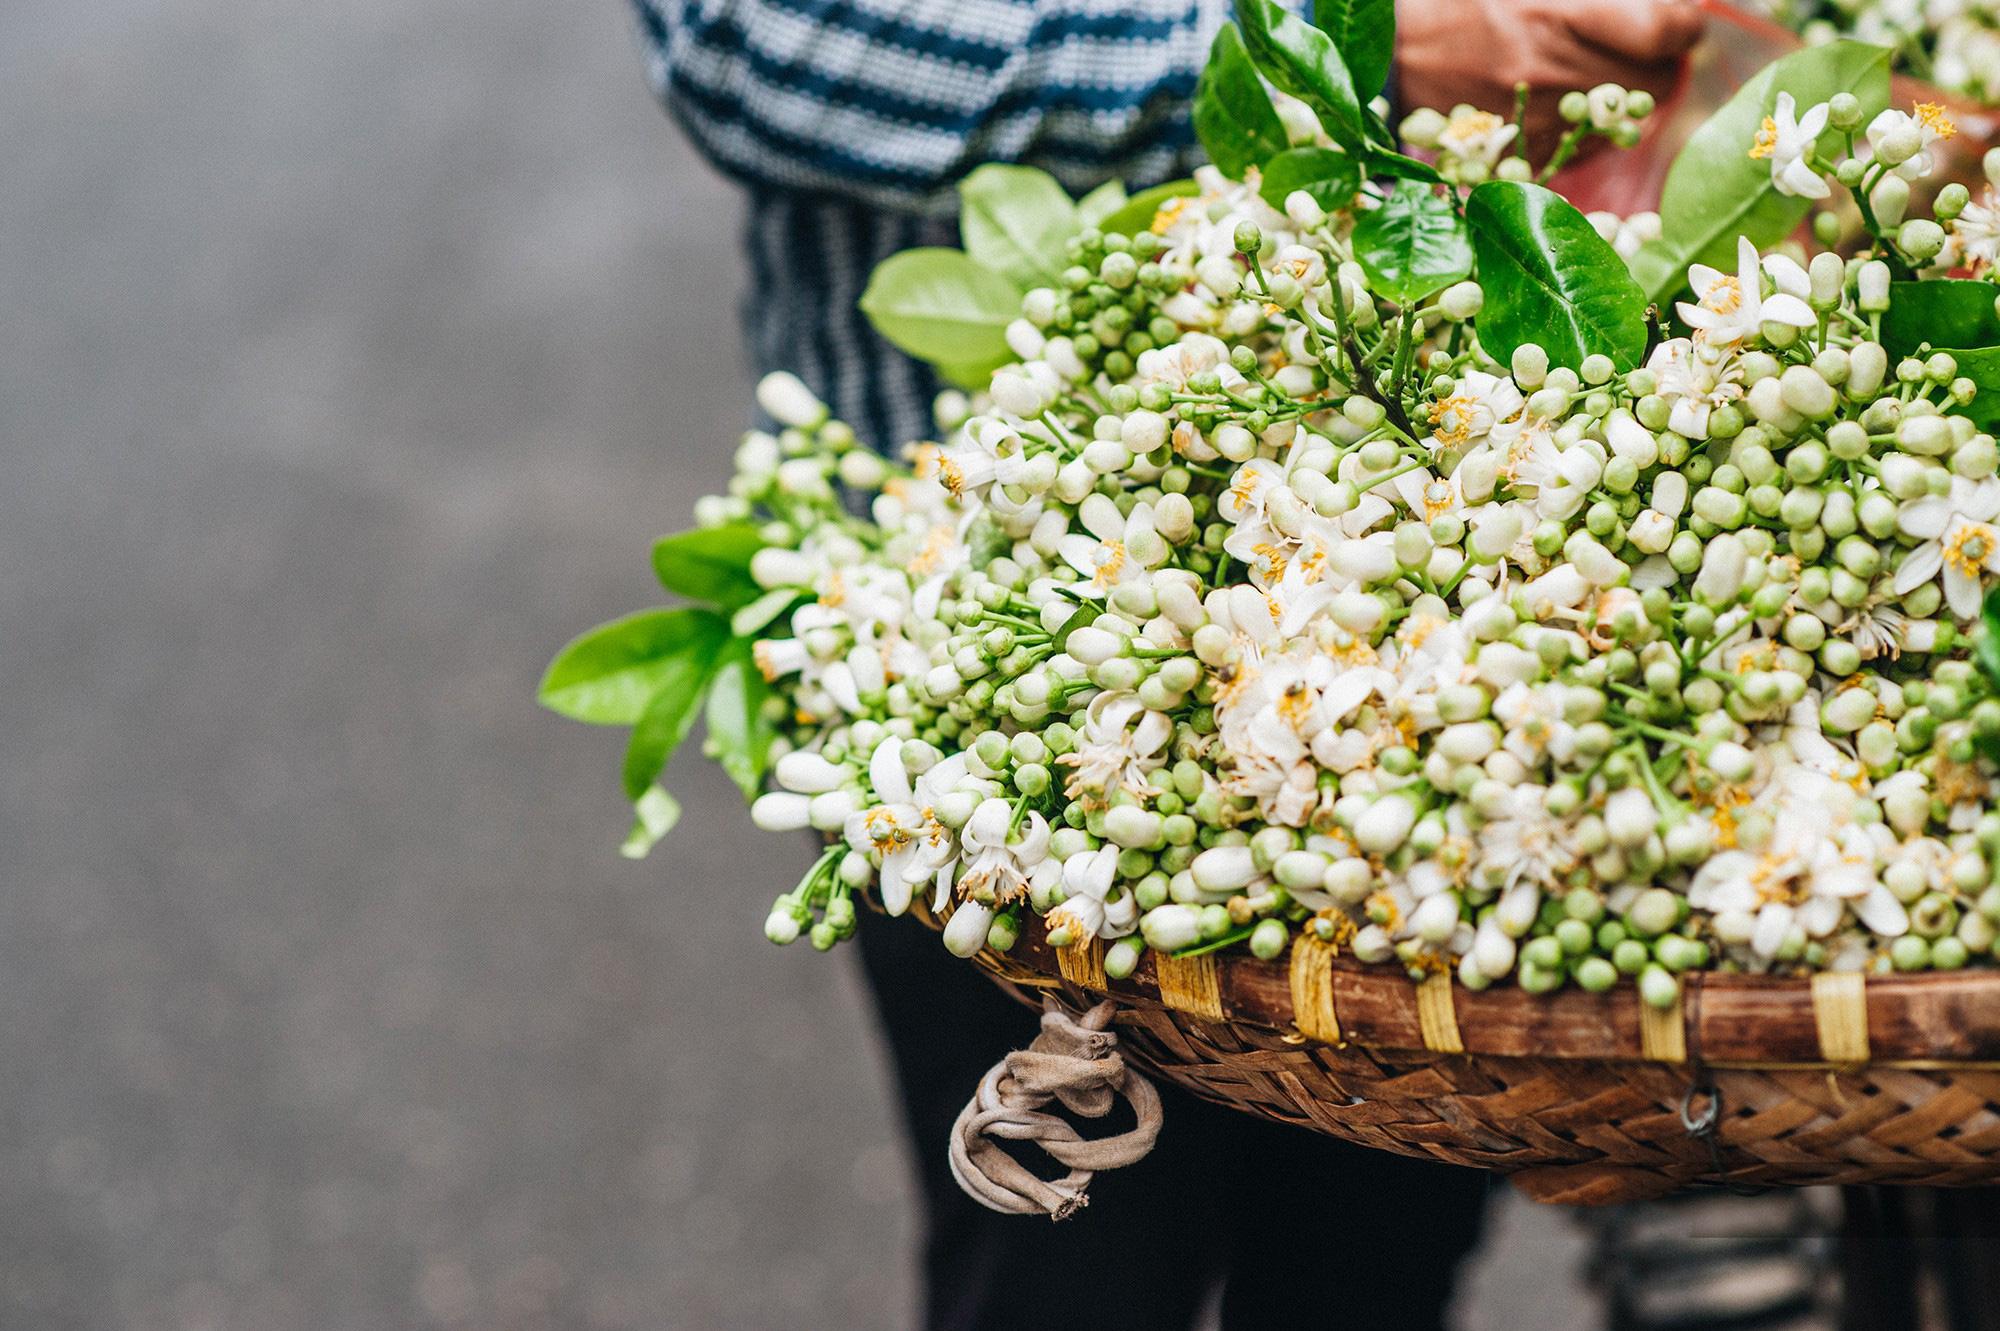 Đầu mùa gánh hoa bưởi xuống phố, giá hơn 300.000 đồng/kg vẫn đắt khách - Ảnh 7.